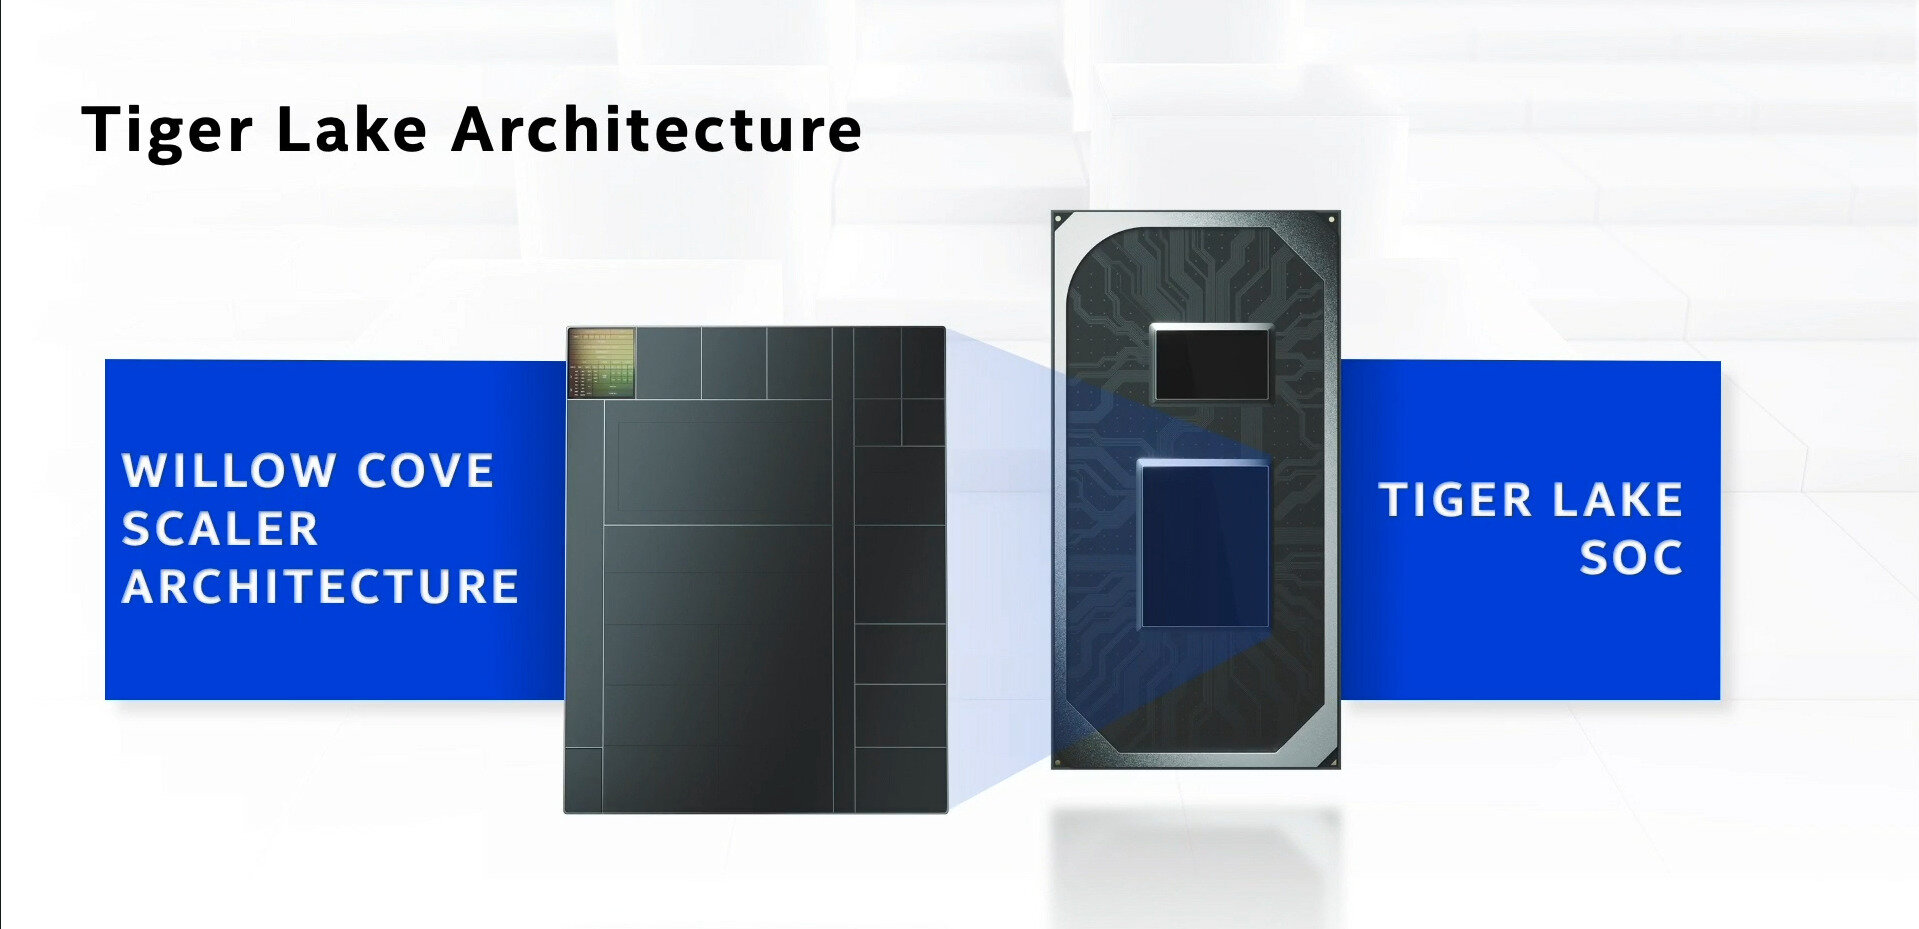 Tiger Lake : Intel détaille l'architecture Xe, Willow Cove et certaines nouveautés